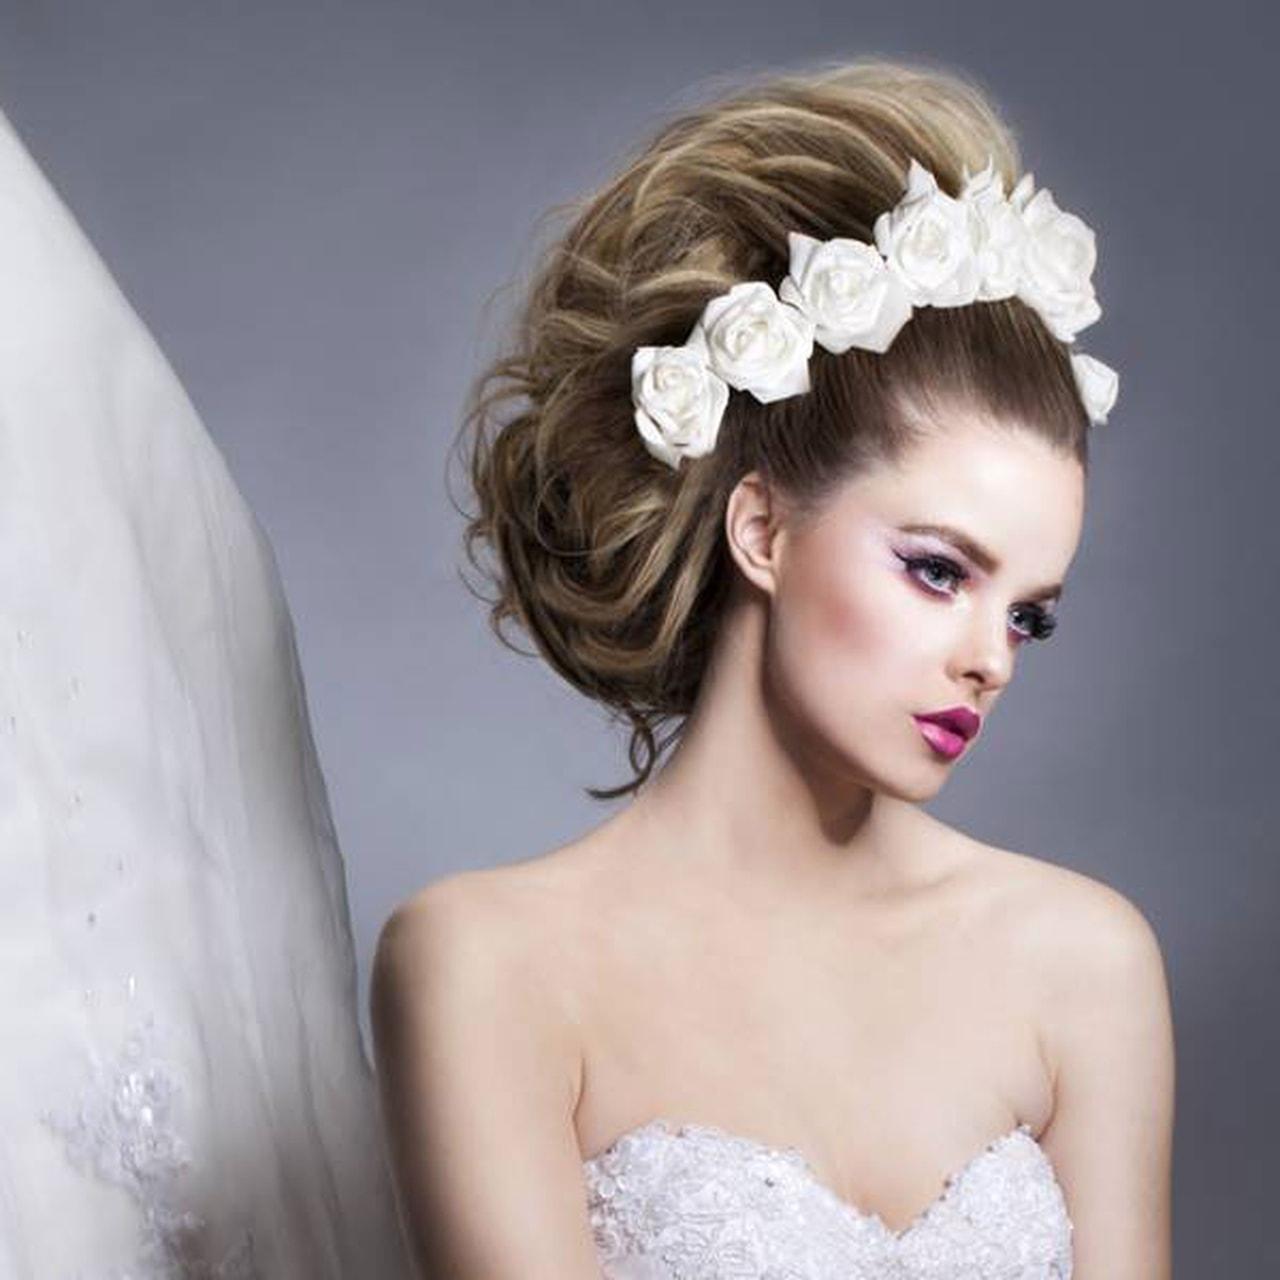 بالصور تسريحه عروس , اجمل تسريحات العروس 3563 5